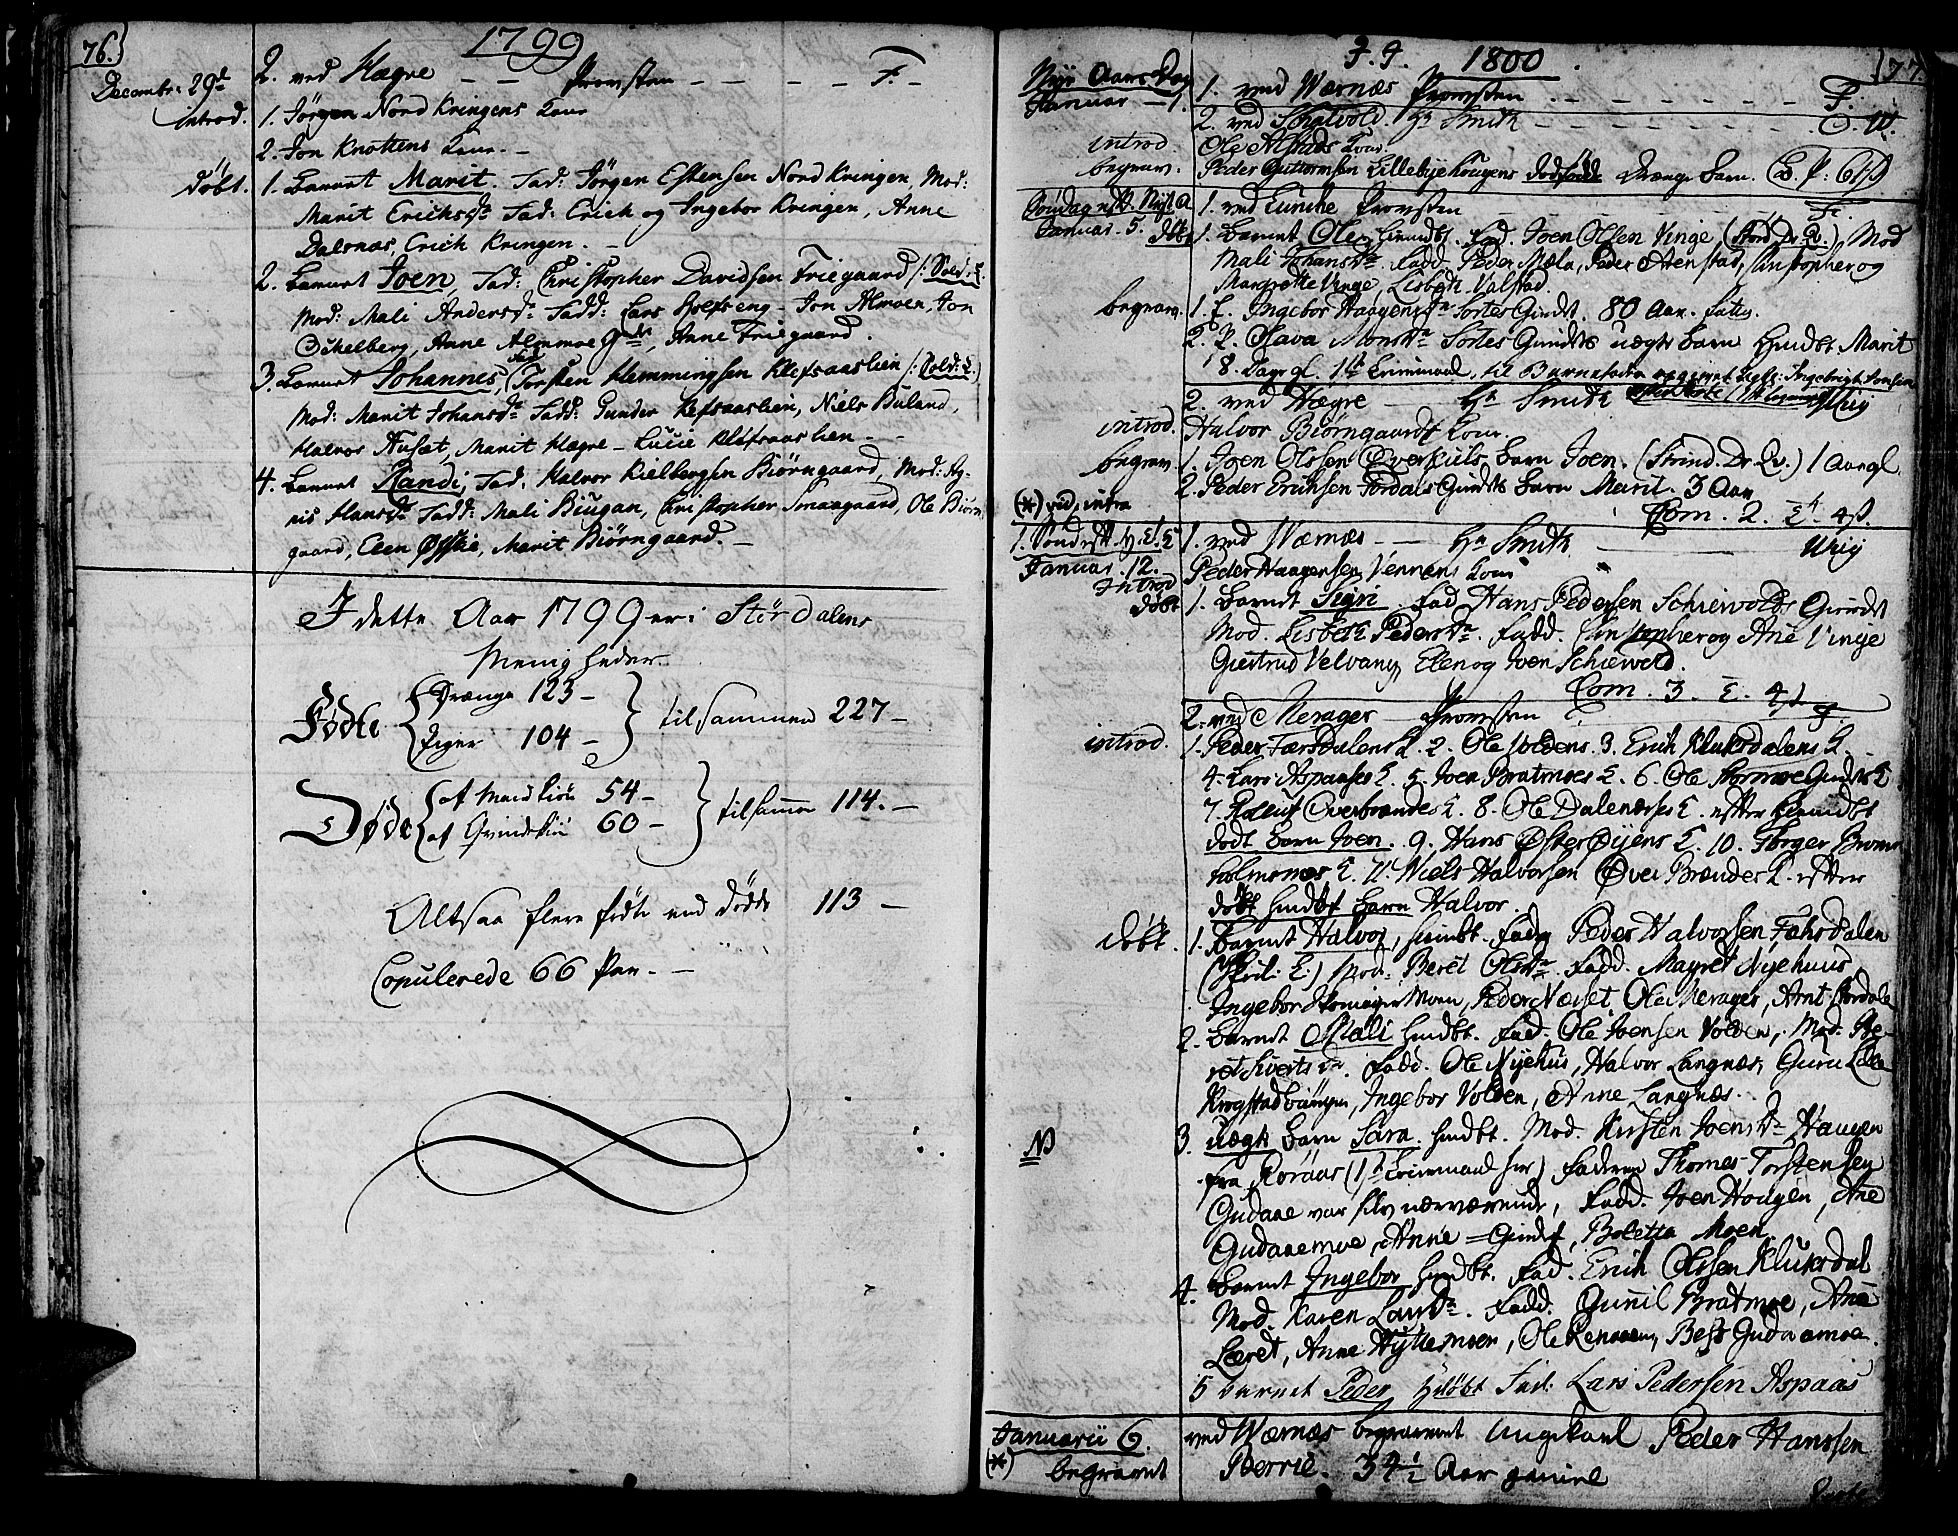 SAT, Ministerialprotokoller, klokkerbøker og fødselsregistre - Nord-Trøndelag, 709/L0060: Ministerialbok nr. 709A07, 1797-1815, s. 76-77